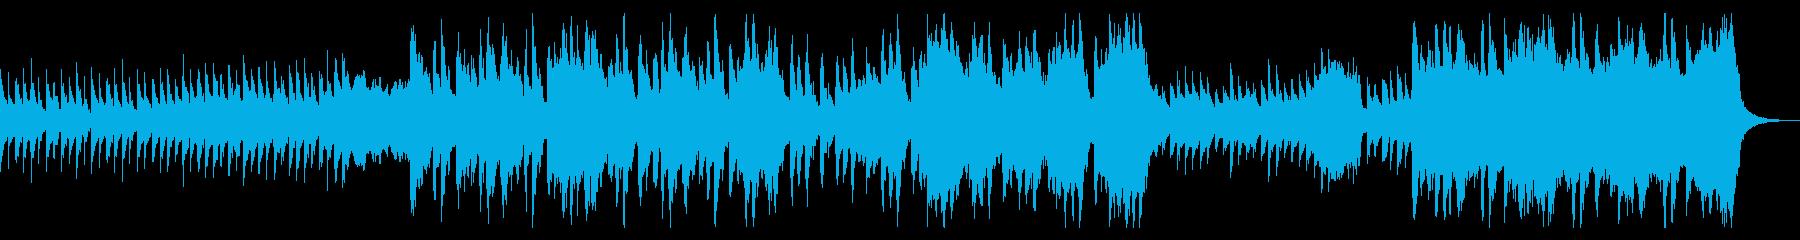 トイピアノが不気味可愛いファンタジーな曲の再生済みの波形